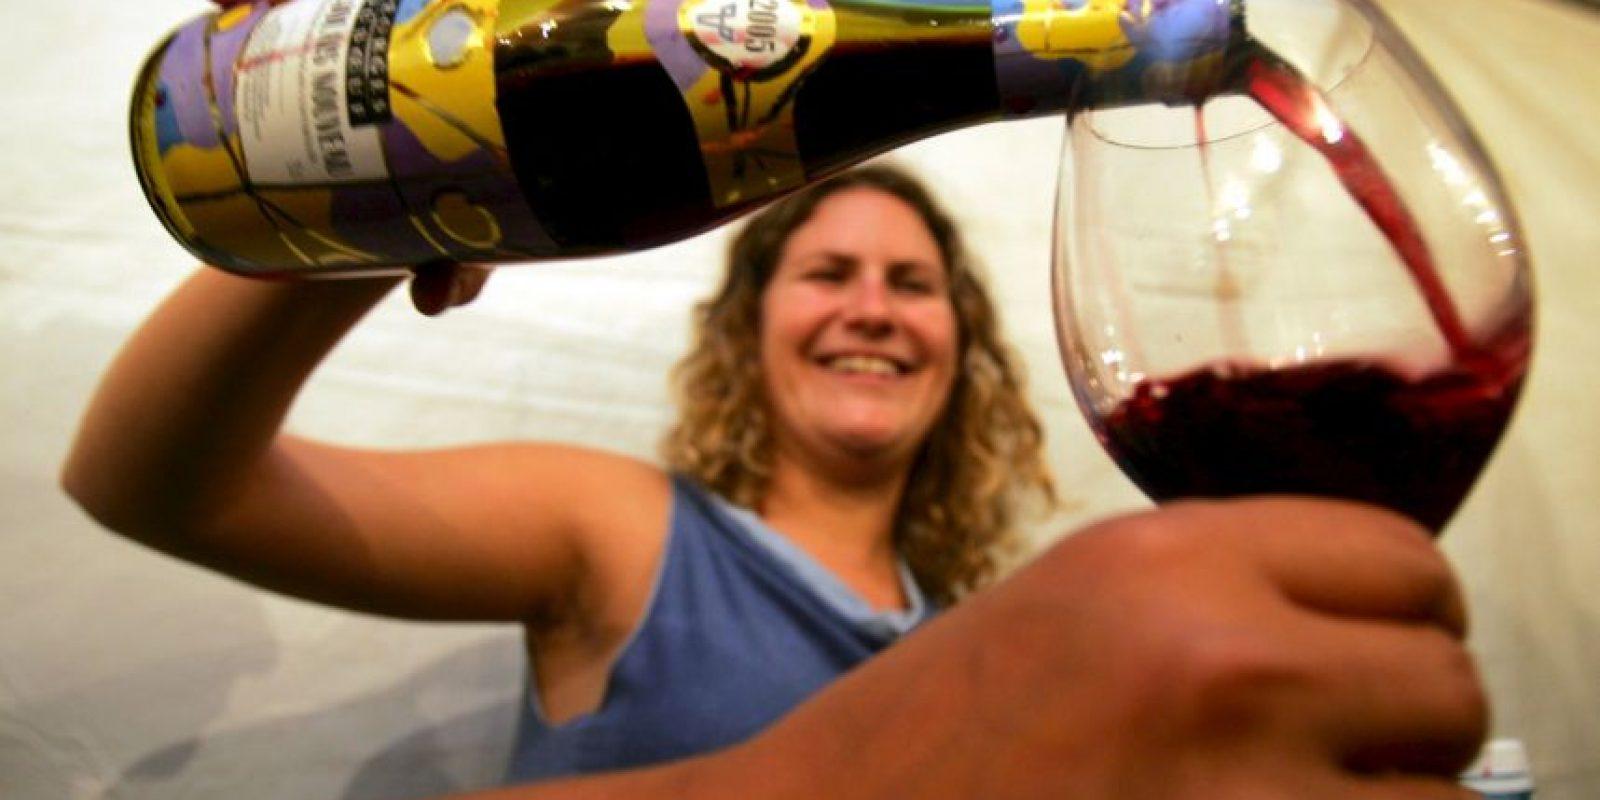 Los experimentos, publicados en la revista Journal of Sexual Medicine, revelaron que consumir una o dos copas de vino al día incrementa el deseo sexual. Foto:Getty Images